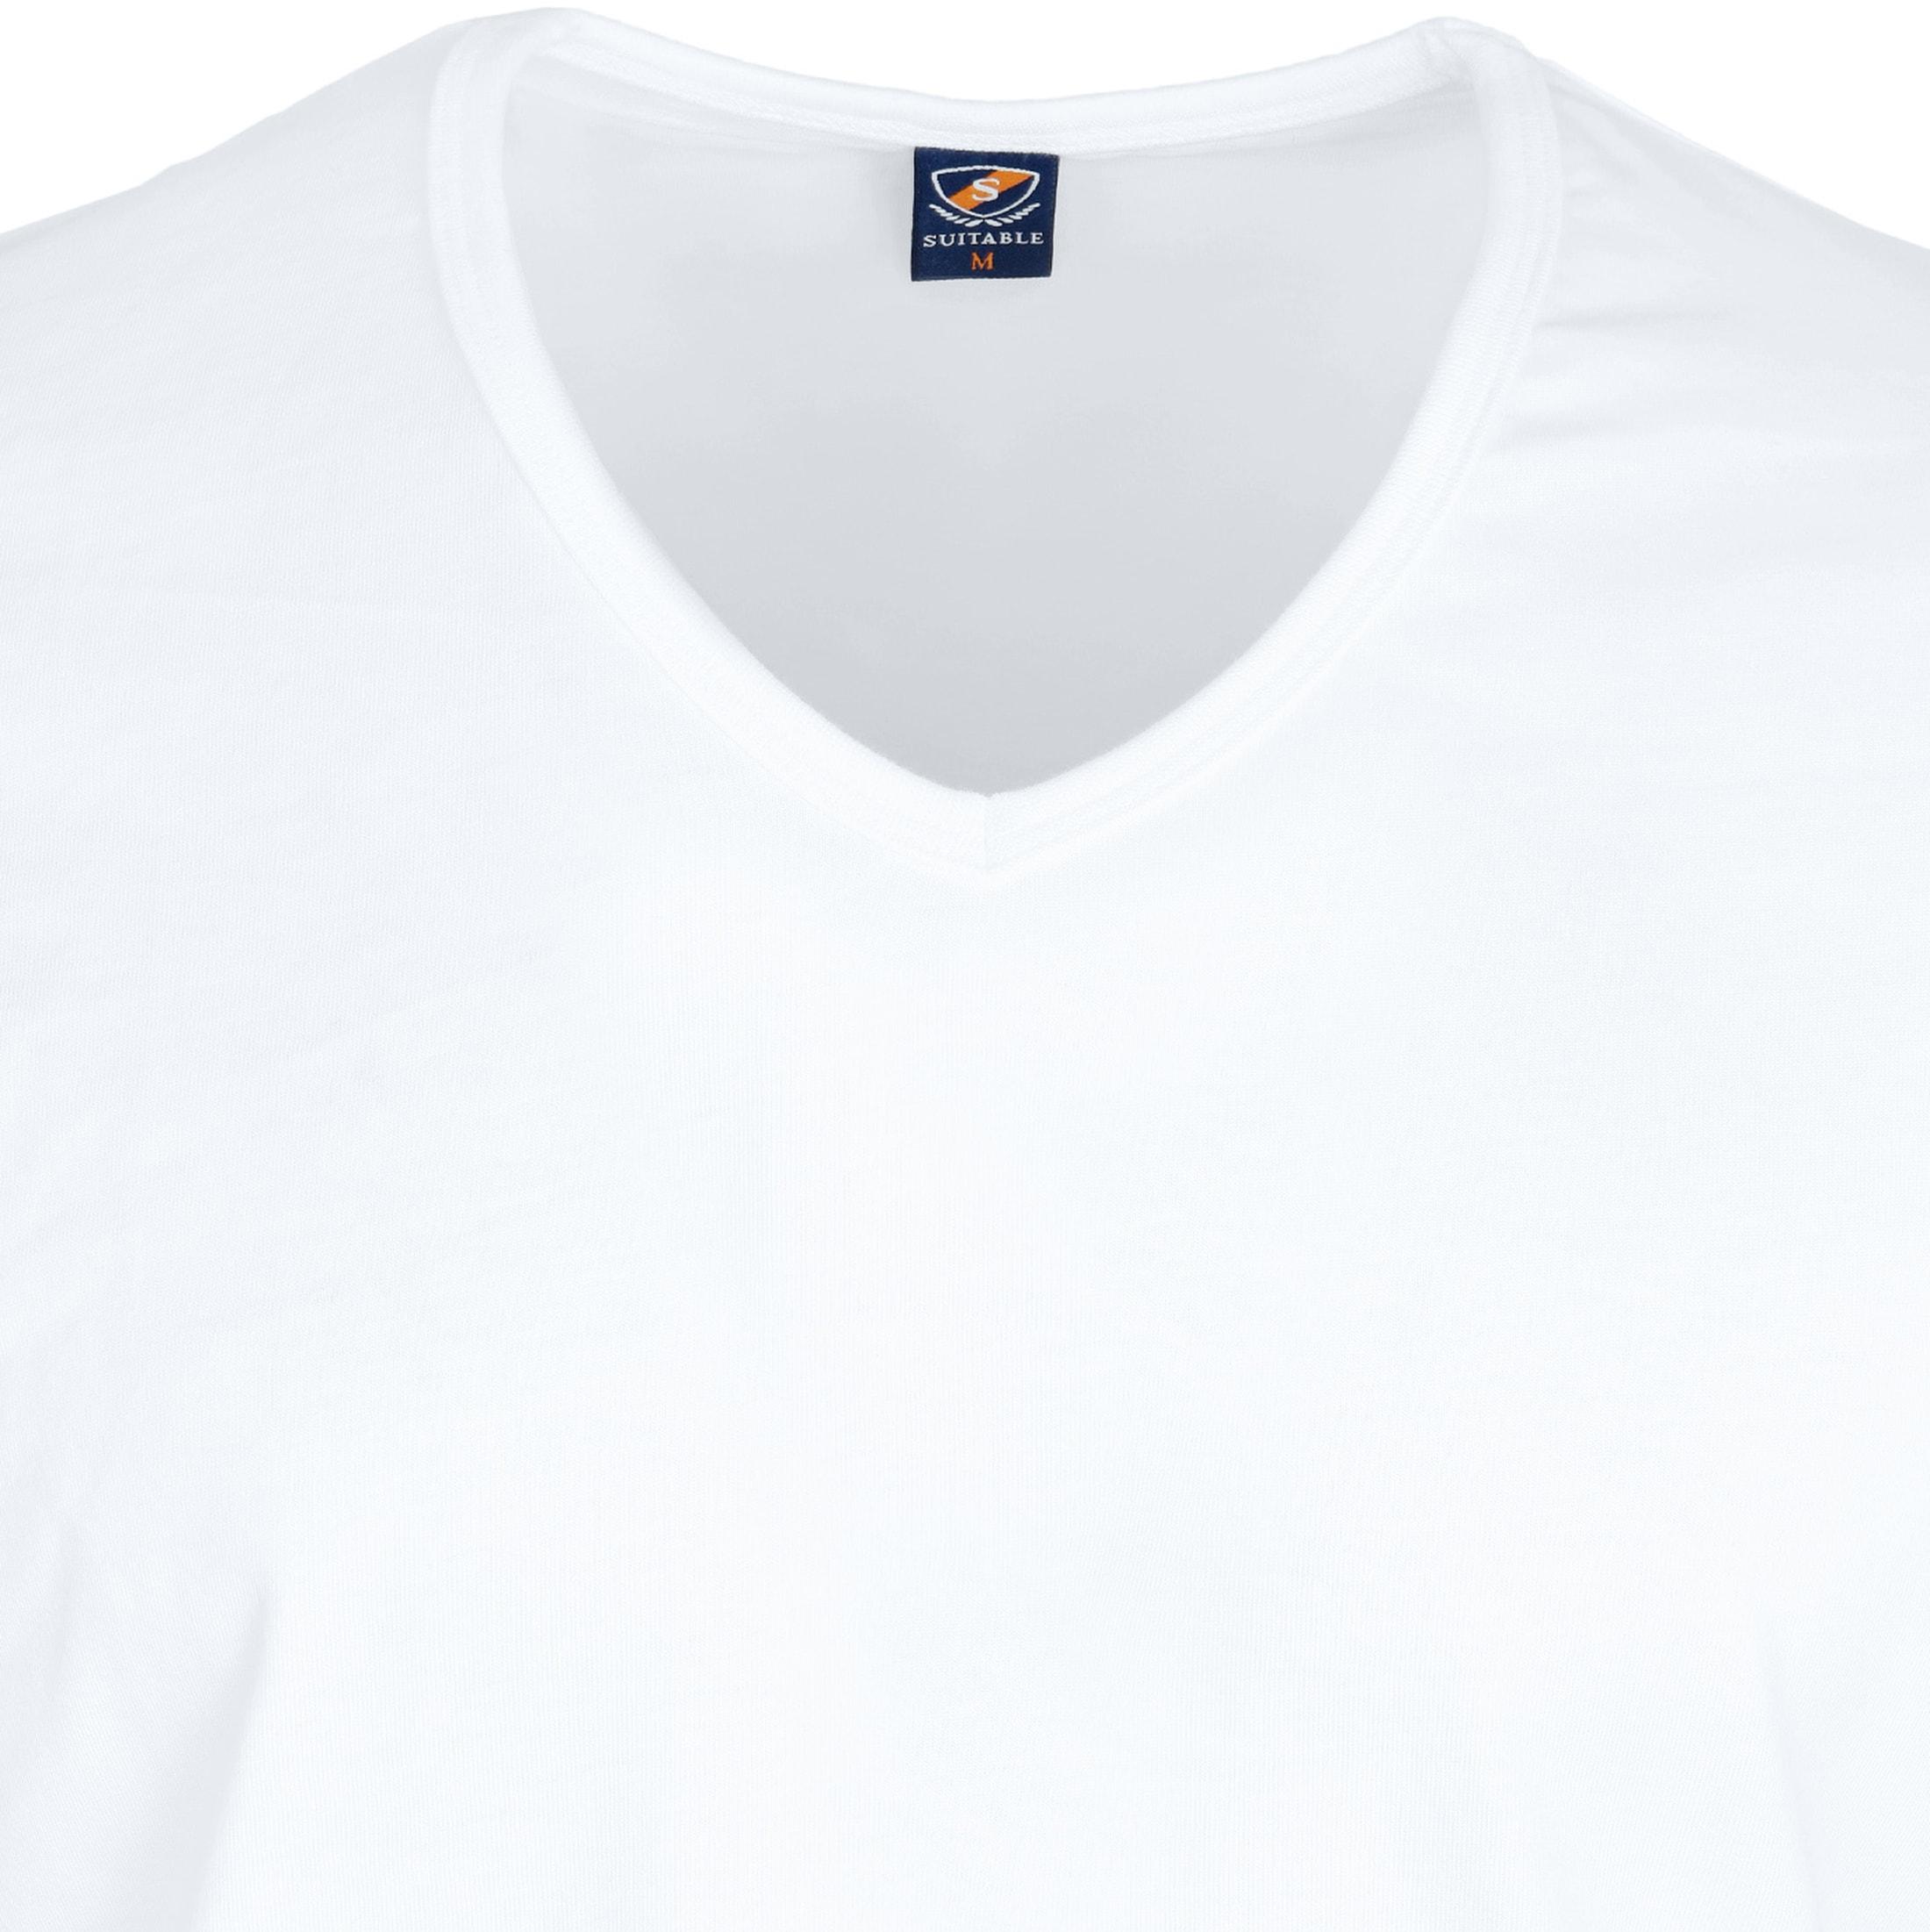 T-Shirt V-Ausschnitt 6-Pack (6 Stück) Weiß foto 2